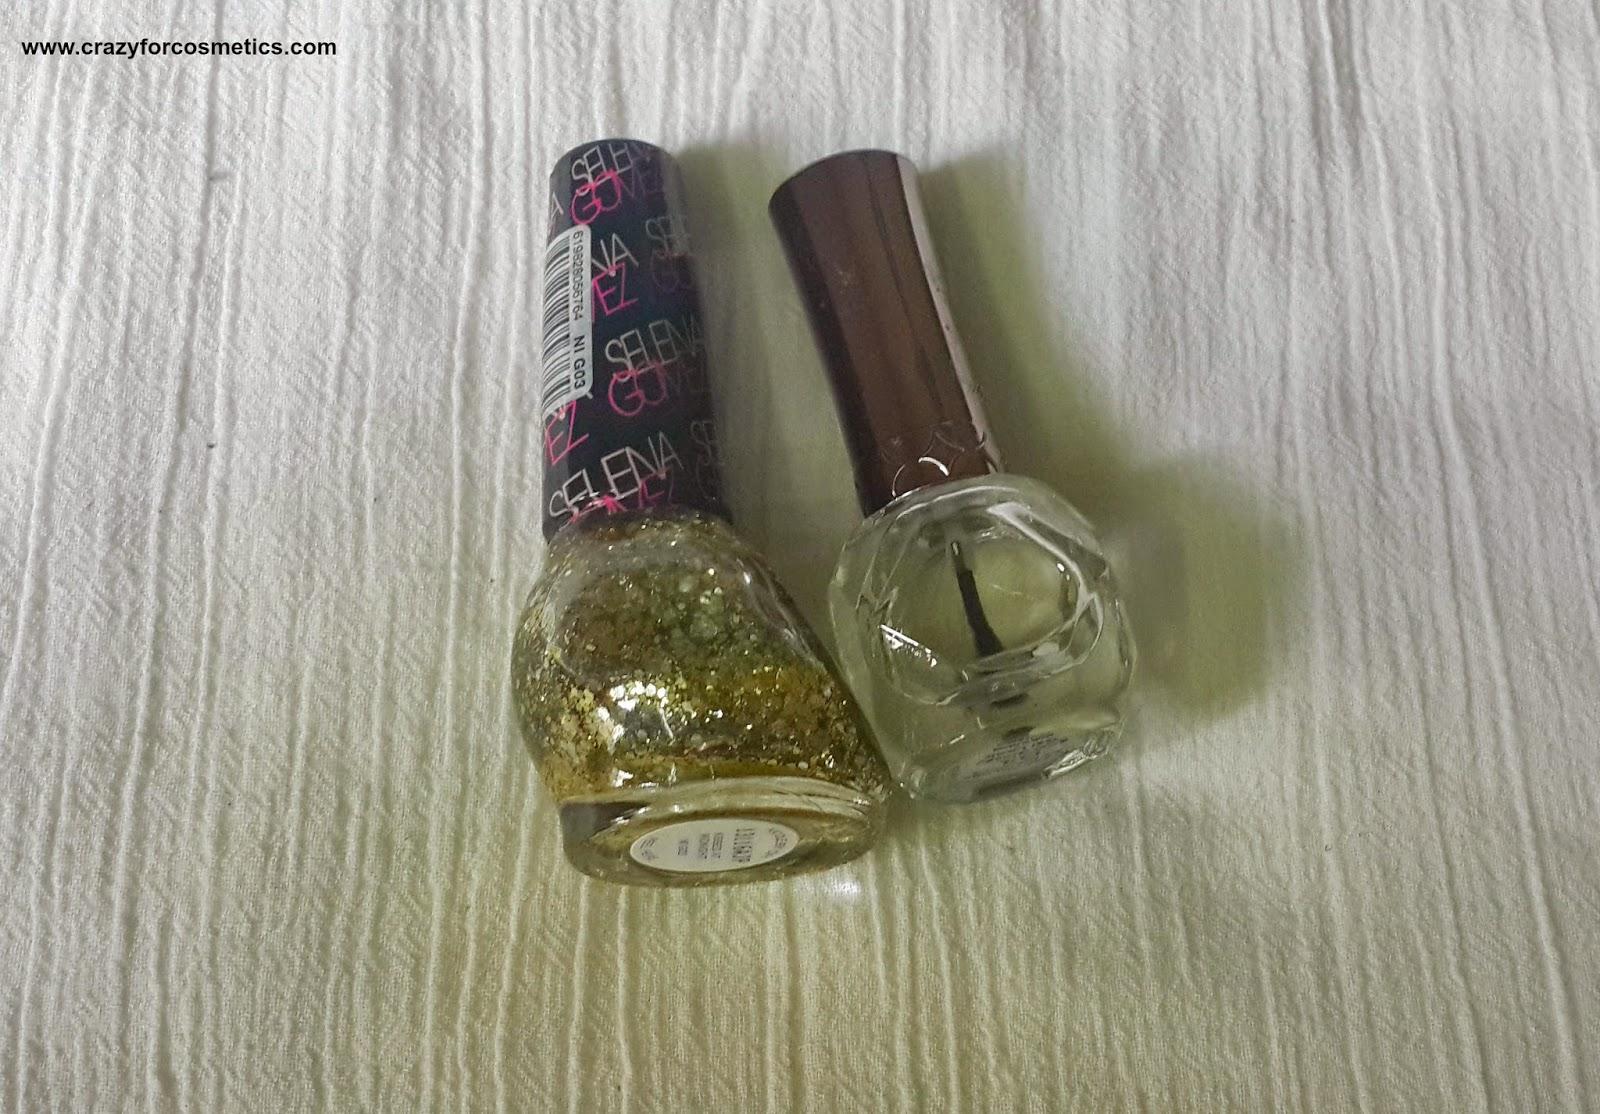 nail polish online-nail polish colors-nail polish organizer India-nail polish organizer DIY-nail polish shades-nail polish shades India